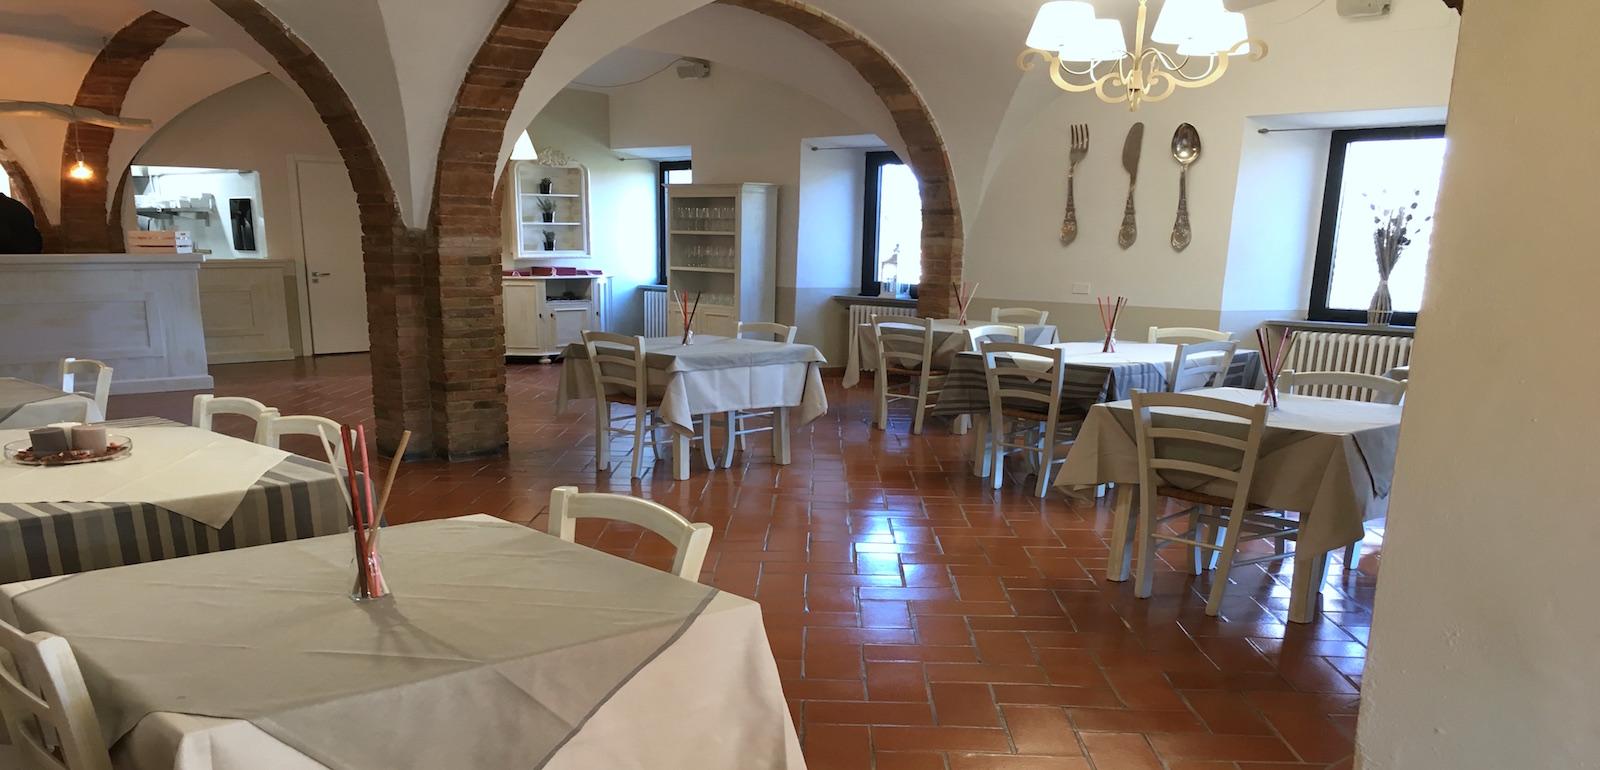 La sala del ristorante vegetariano Pastinaca a Volterra.